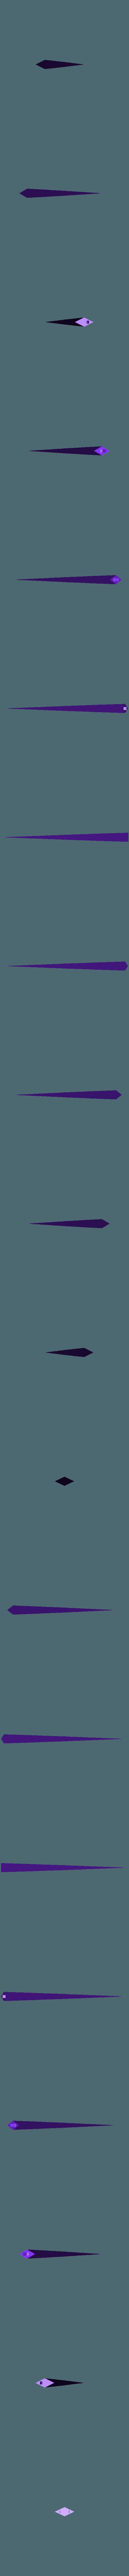 Updated Part 3 vendetta blade tip.stl Download free STL file V for Vendetta Dagger New and Improved • 3D printer model, stensethjeremy